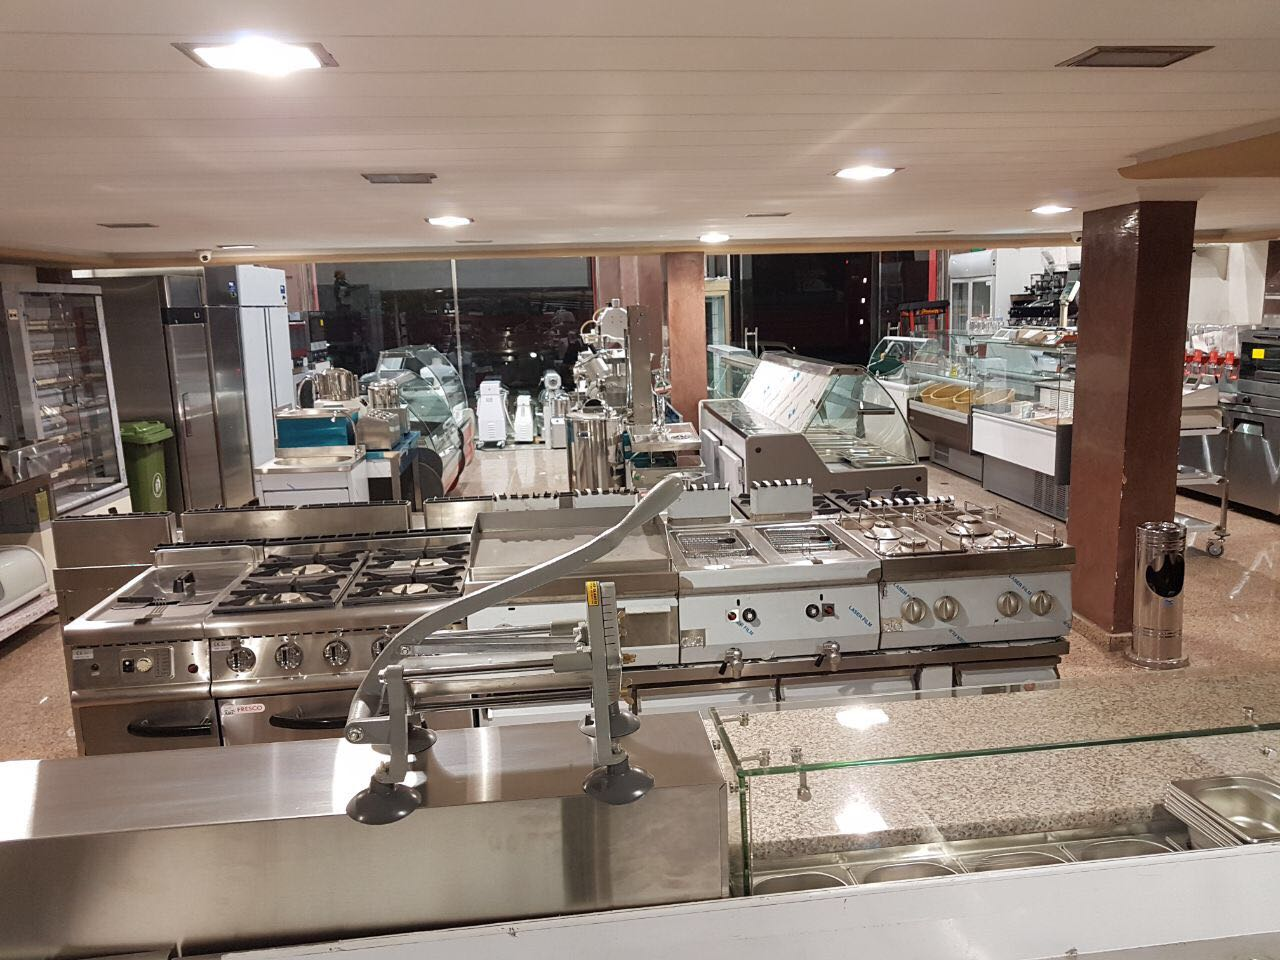 Informations et conseils sur cuisine professionnelle au maroc for Fournisseur de cuisine pour professionnel